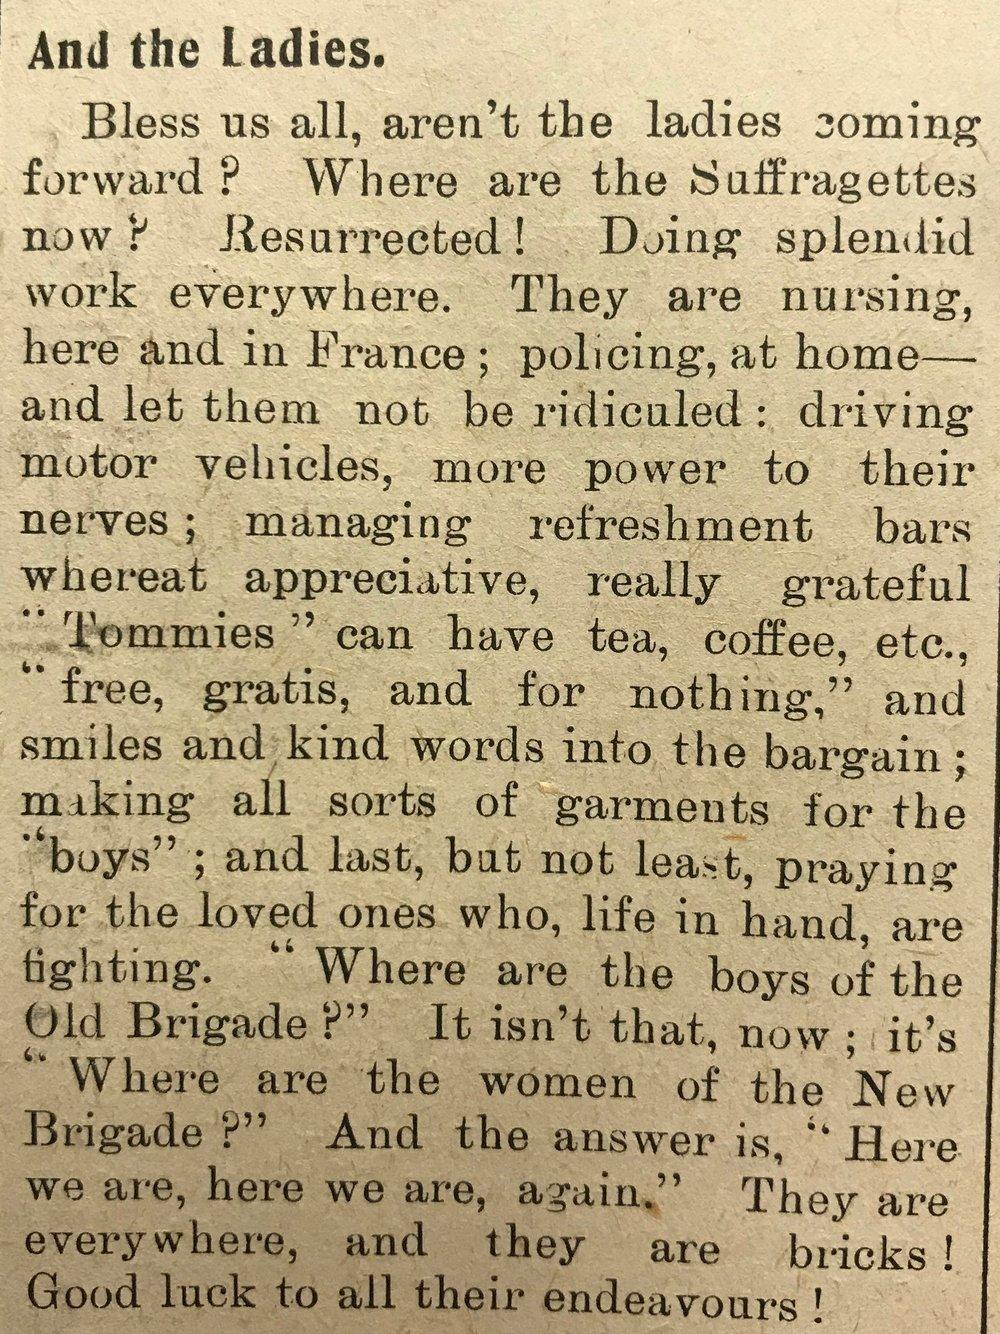 Marylebone Record, 20 March 1915.